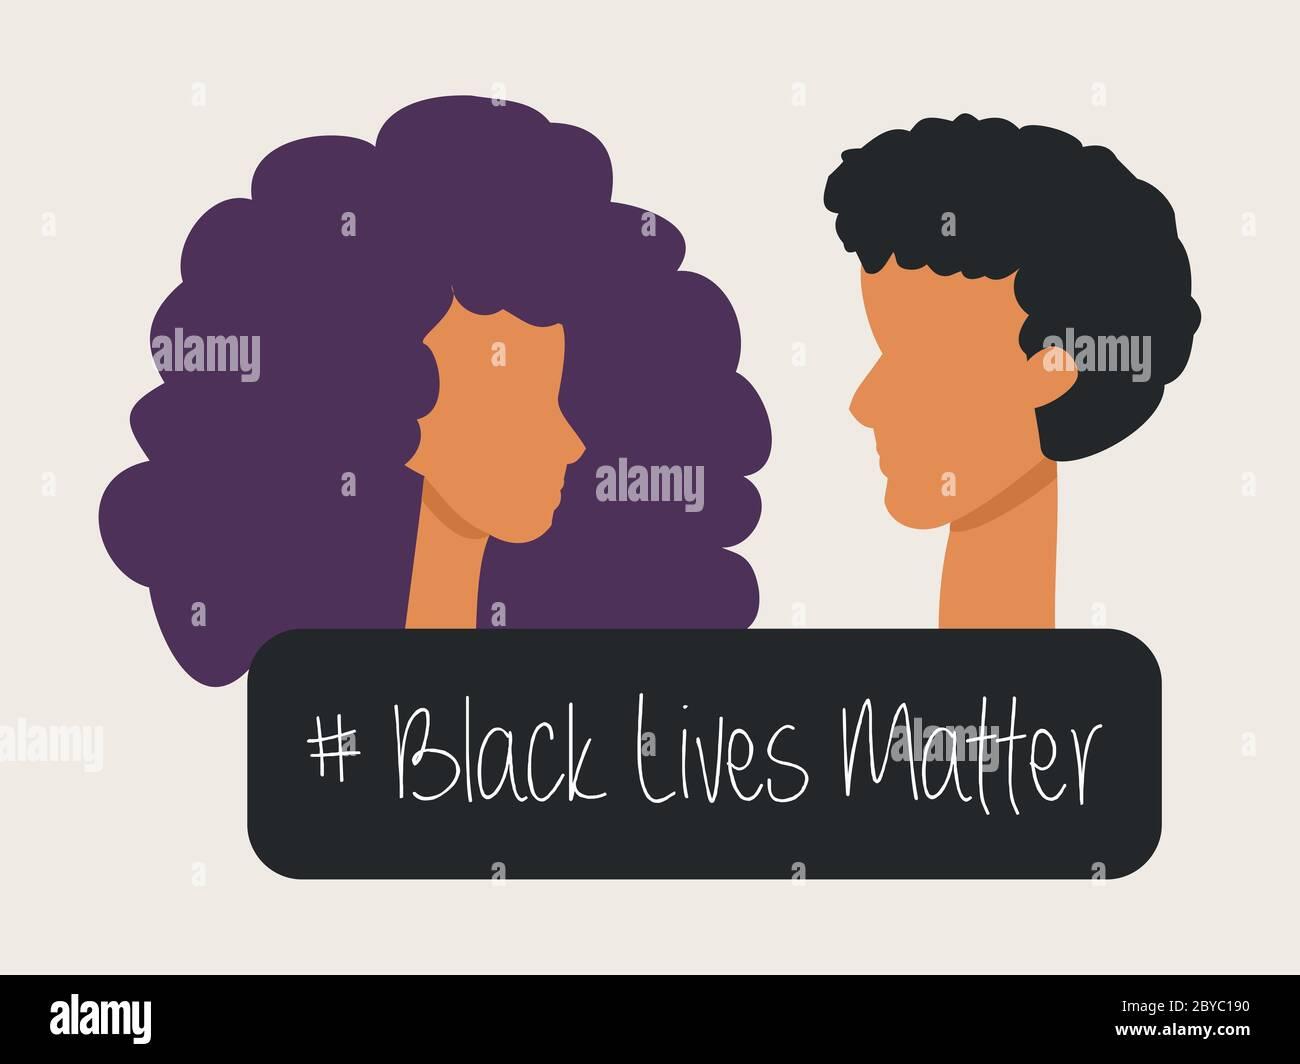 Ilustración de una mujer afro-americana y un hombre víctima del racismo - la vida negra importa Foto de stock